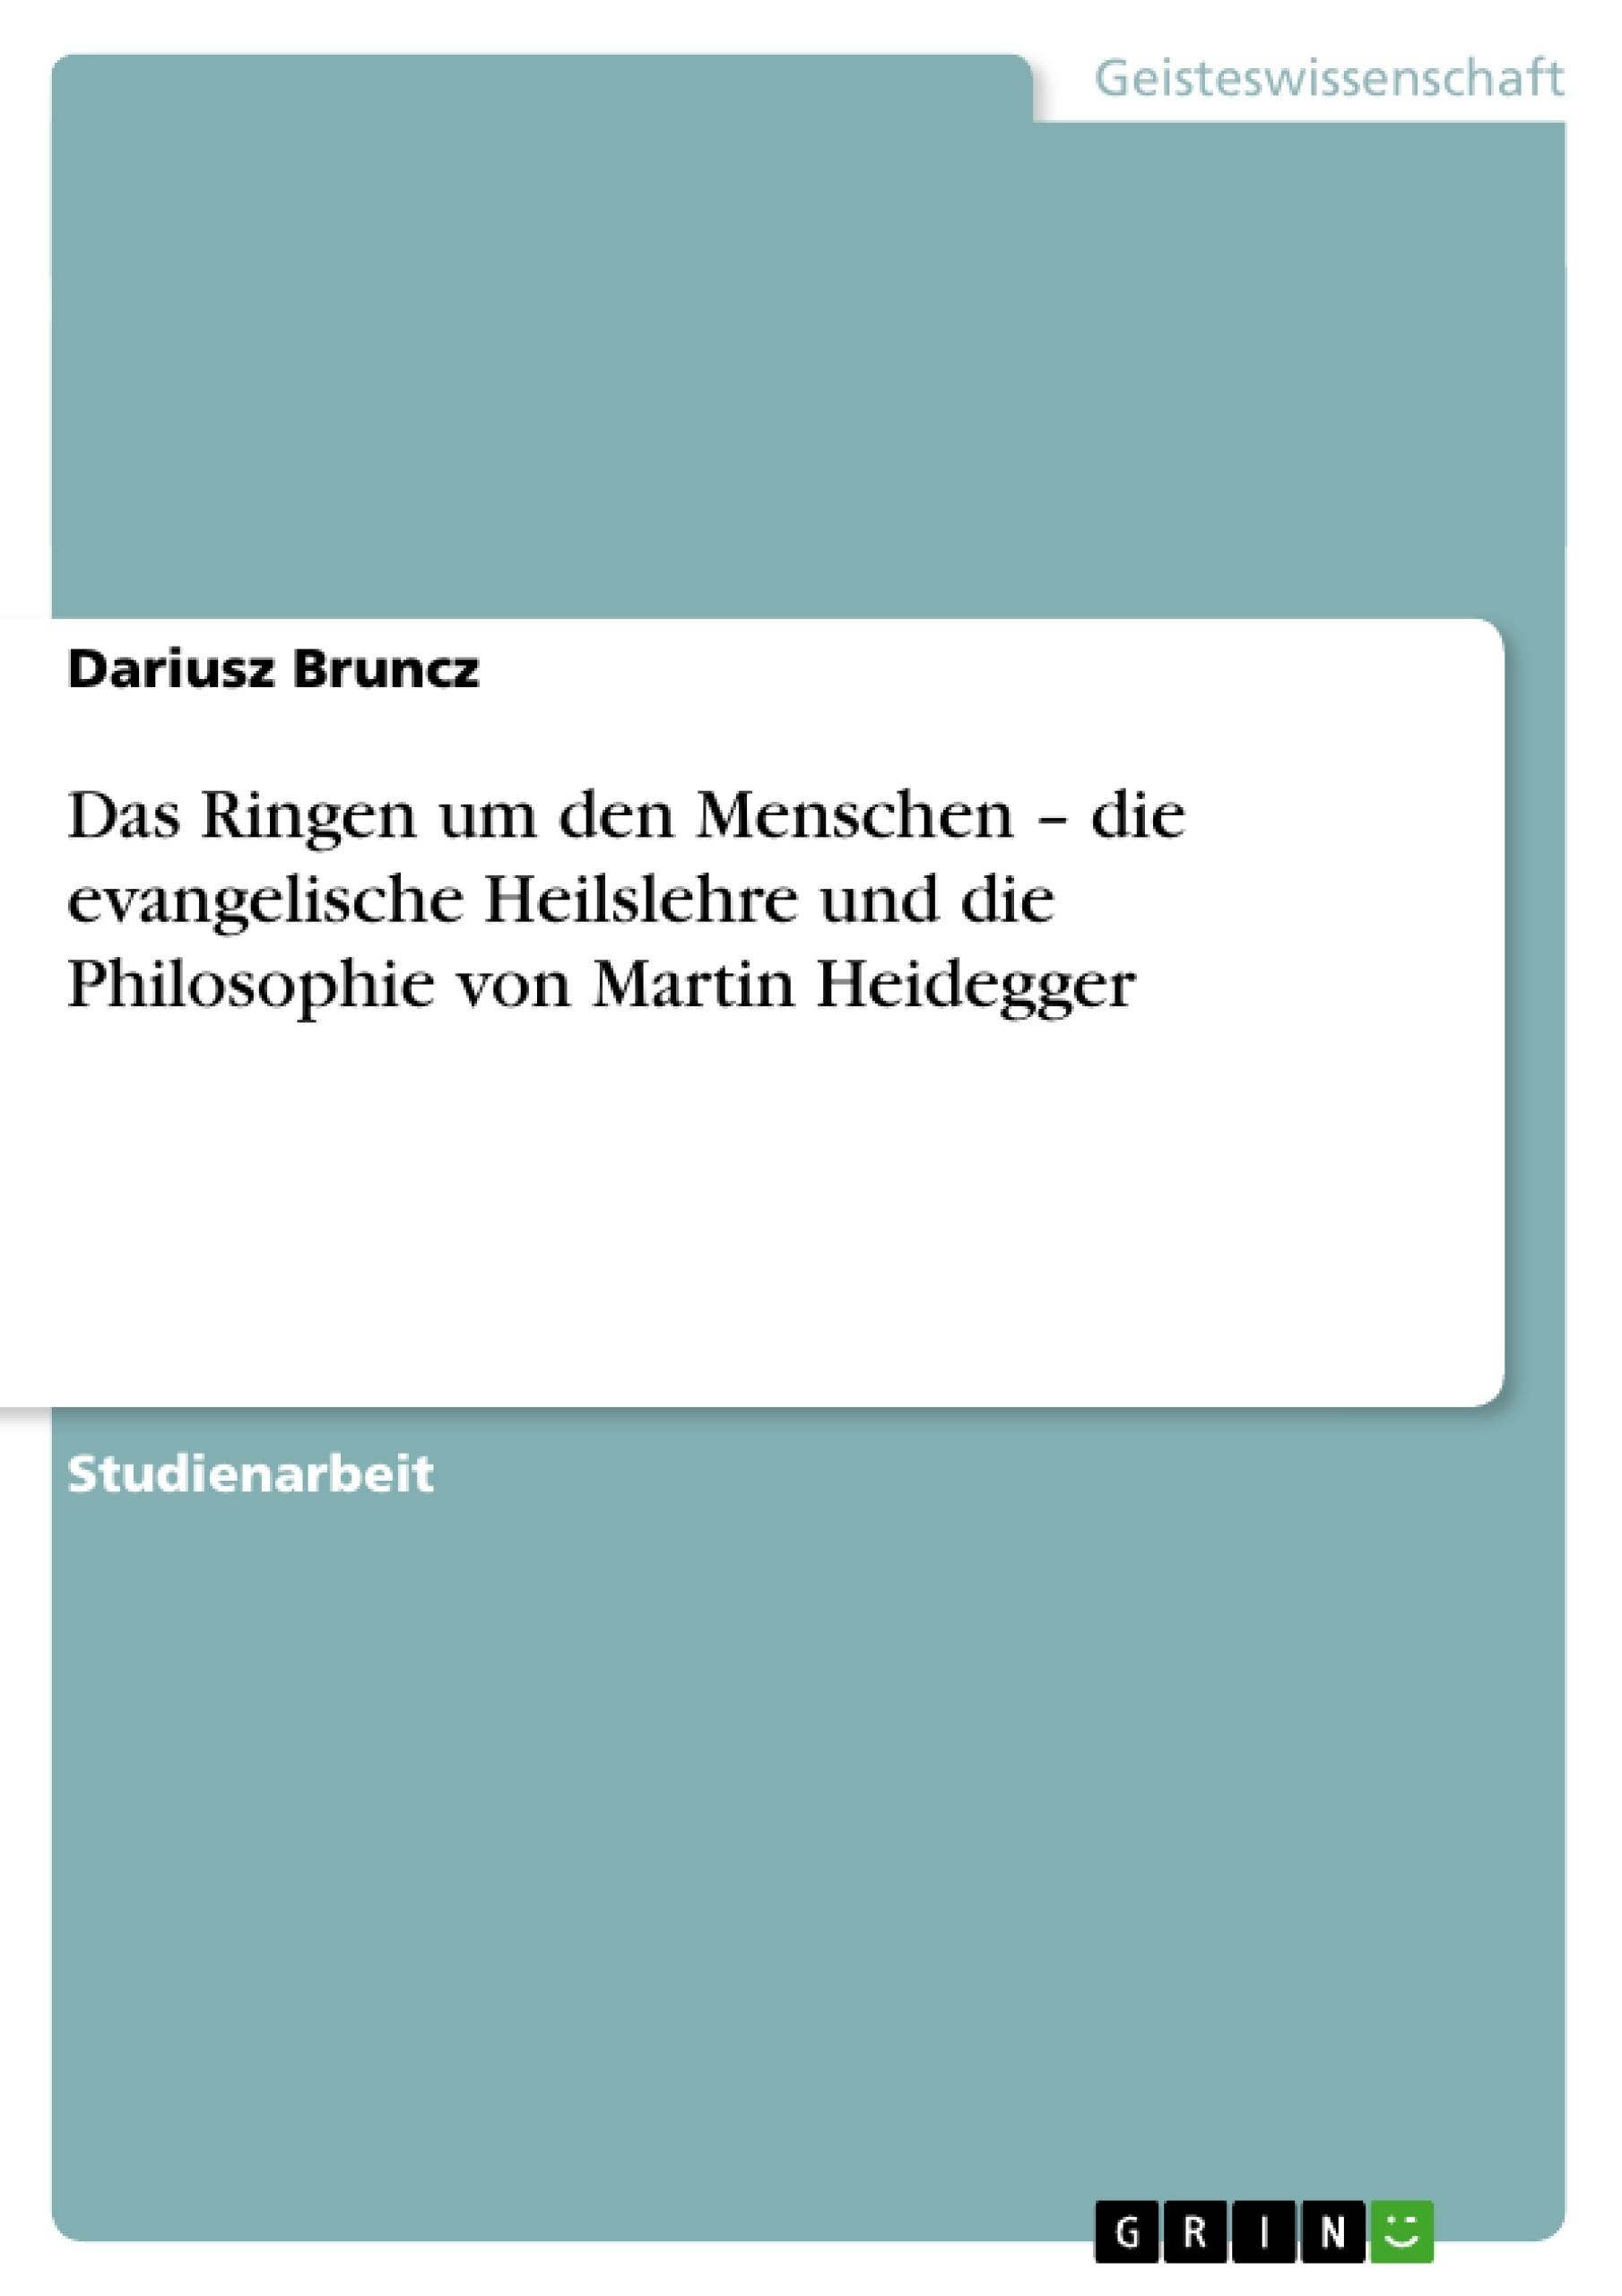 Titel: Das Ringen um den Menschen –  die evangelische Heilslehre und die Philosophie von Martin Heidegger